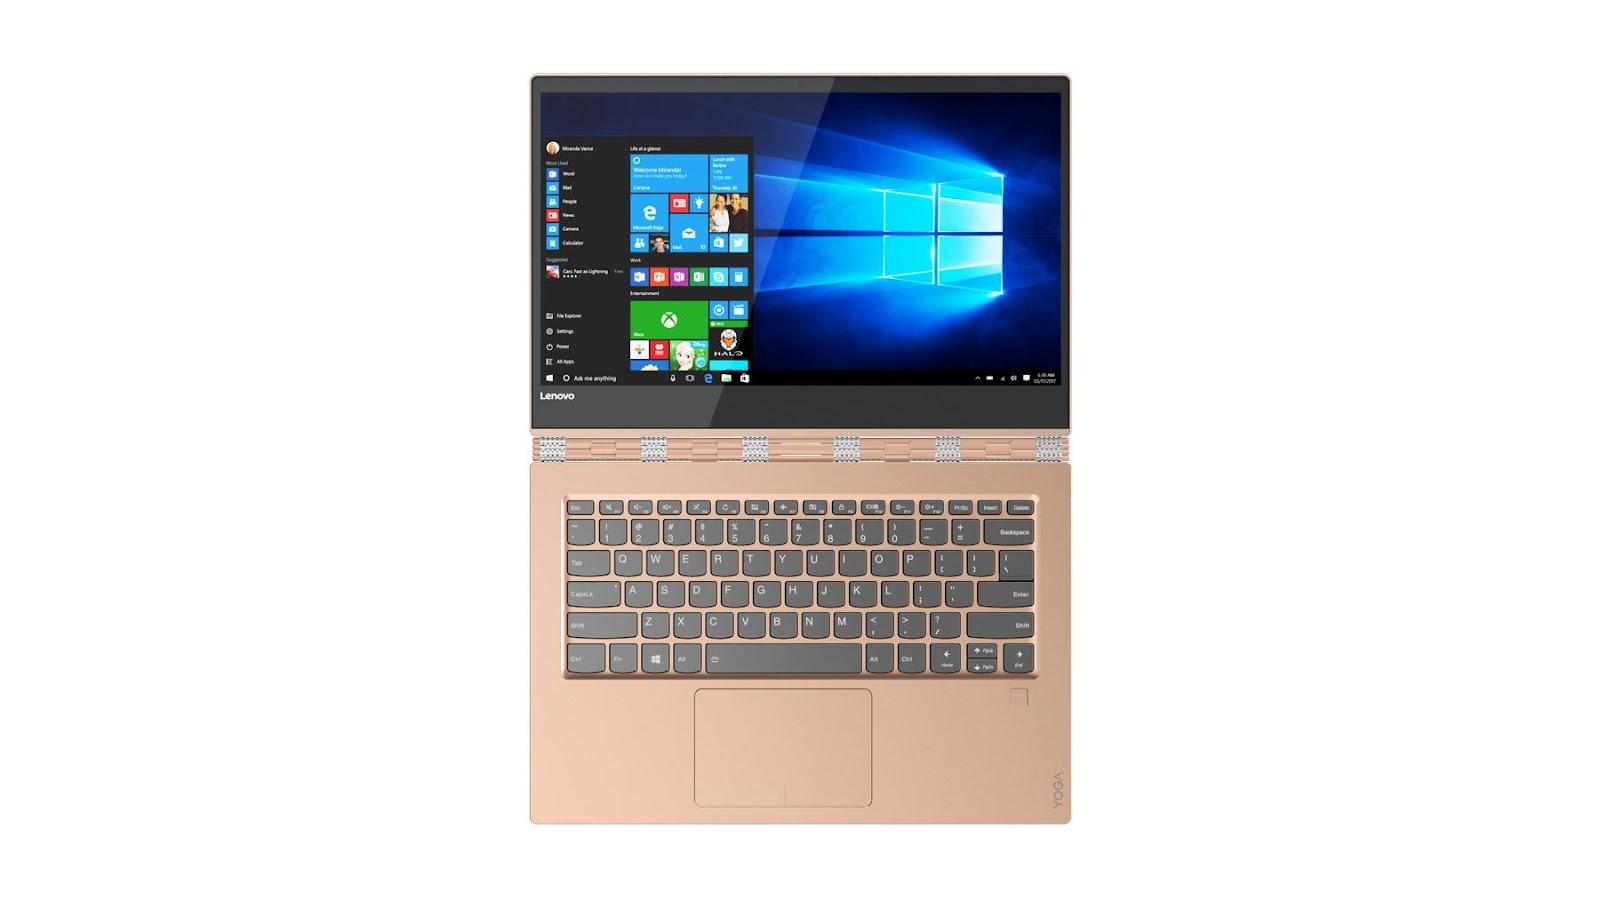 Фото 4 - Ультрабук Lenovo YOGA 920 Copper (80Y700A8RA)